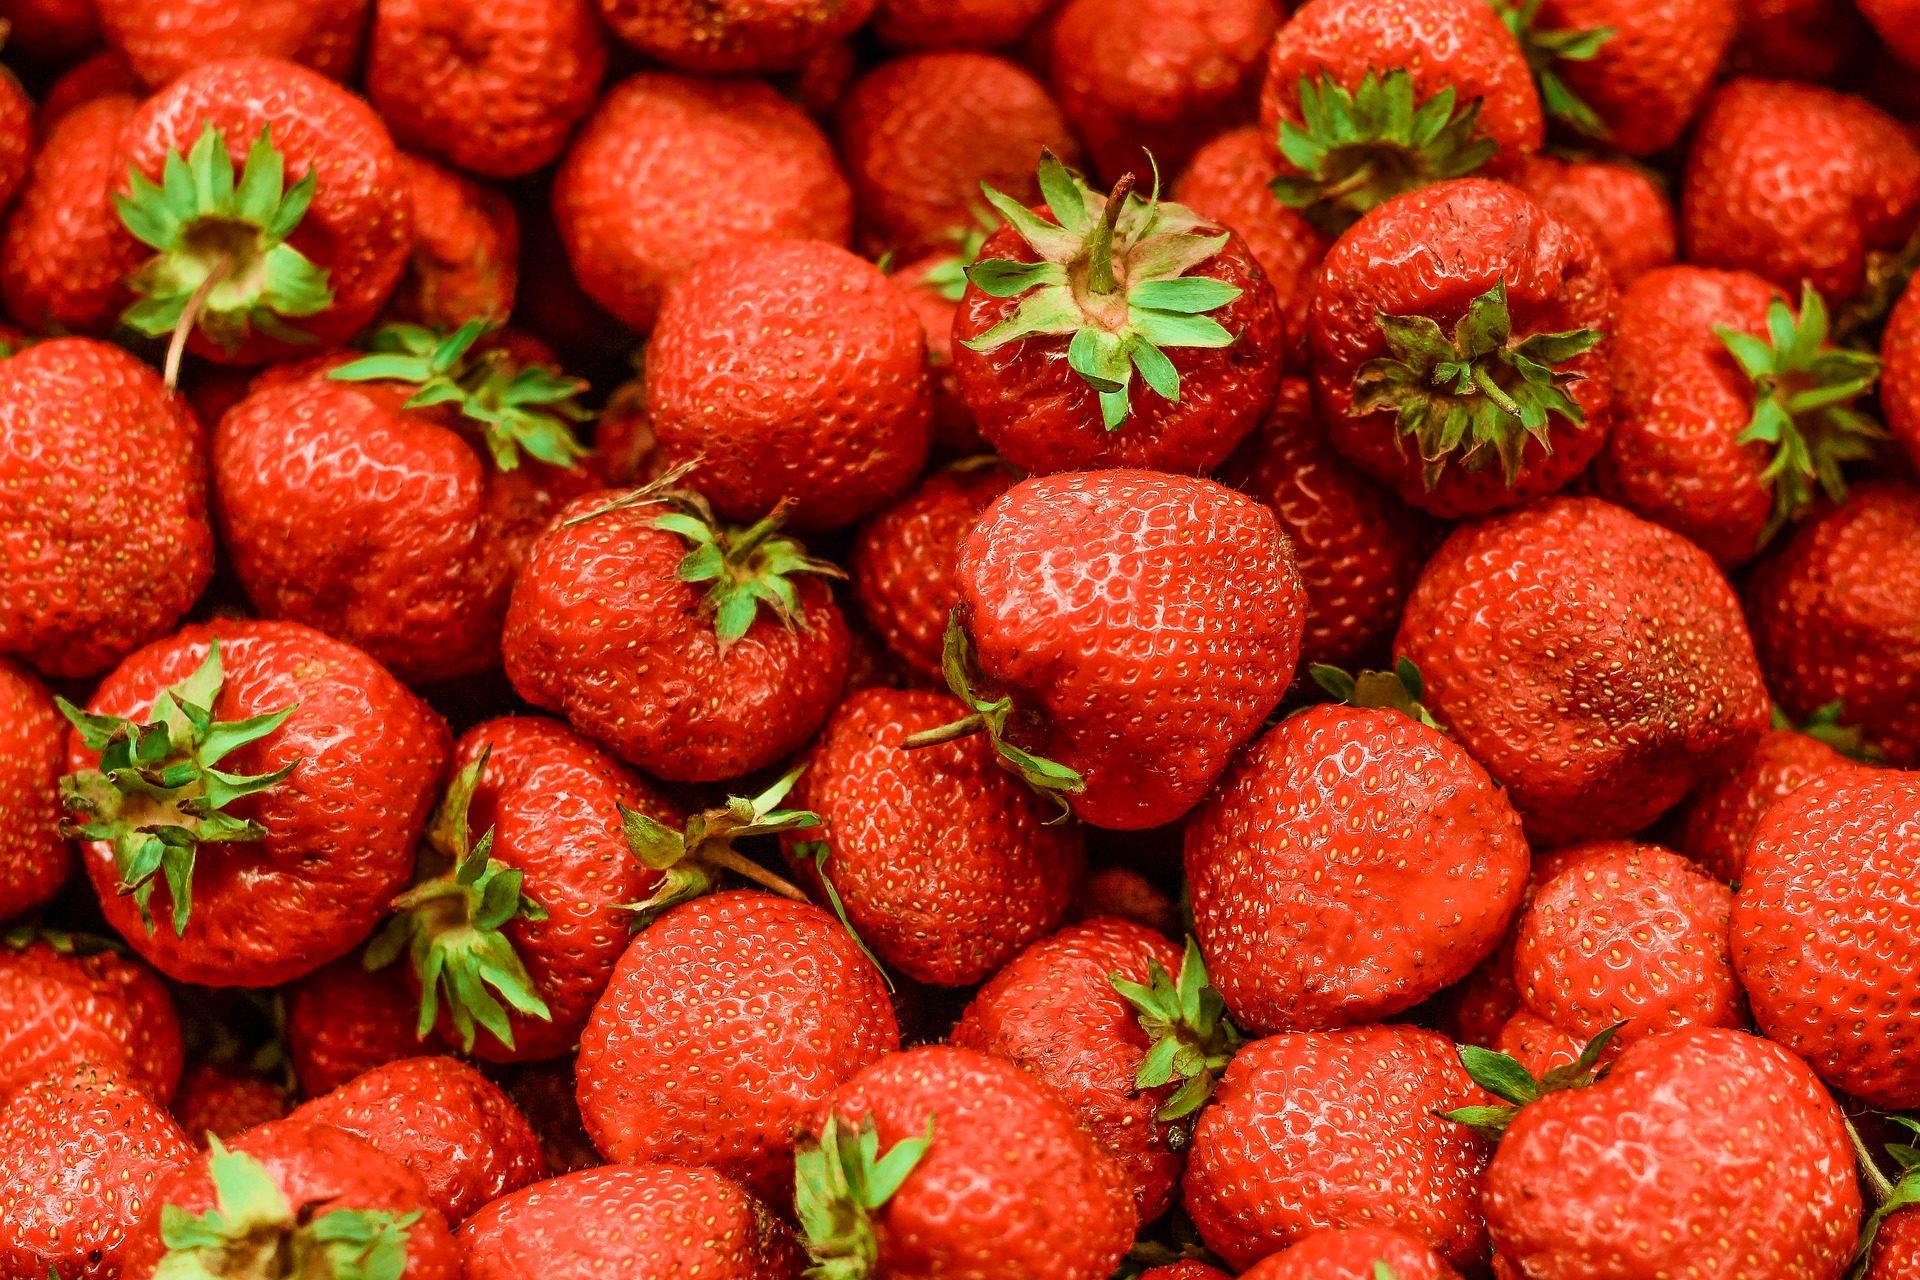 イチゴ, フルーツ, 赤, 数量, 明るさ - HD の壁紙 - 教授-falken.com